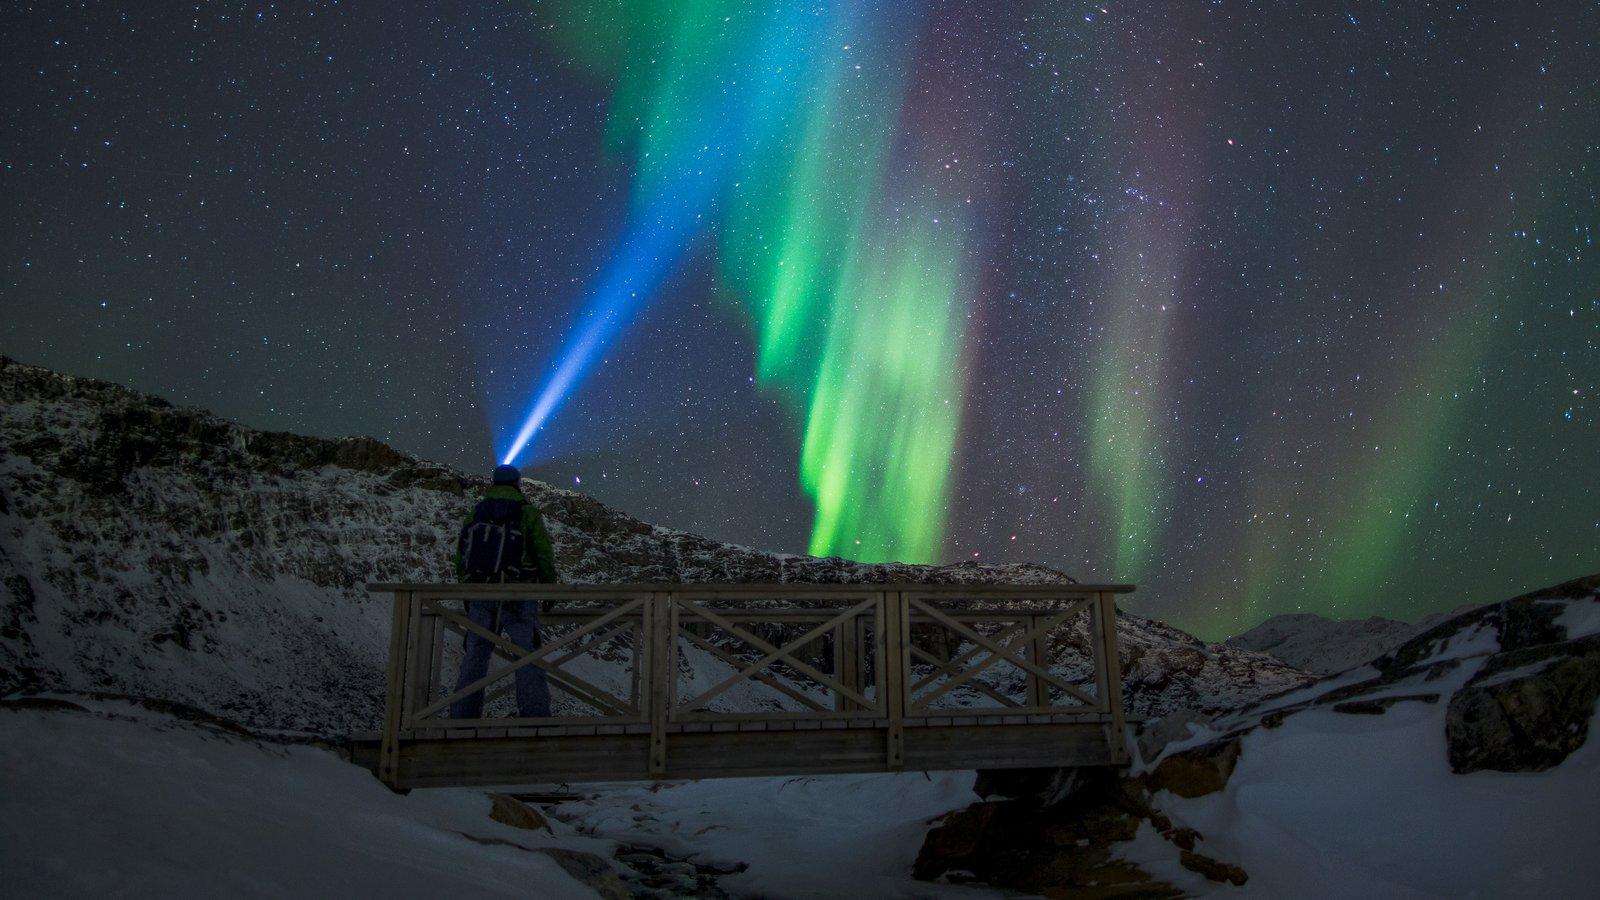 Groenlandia ofreciendo nieve y auroras boreales